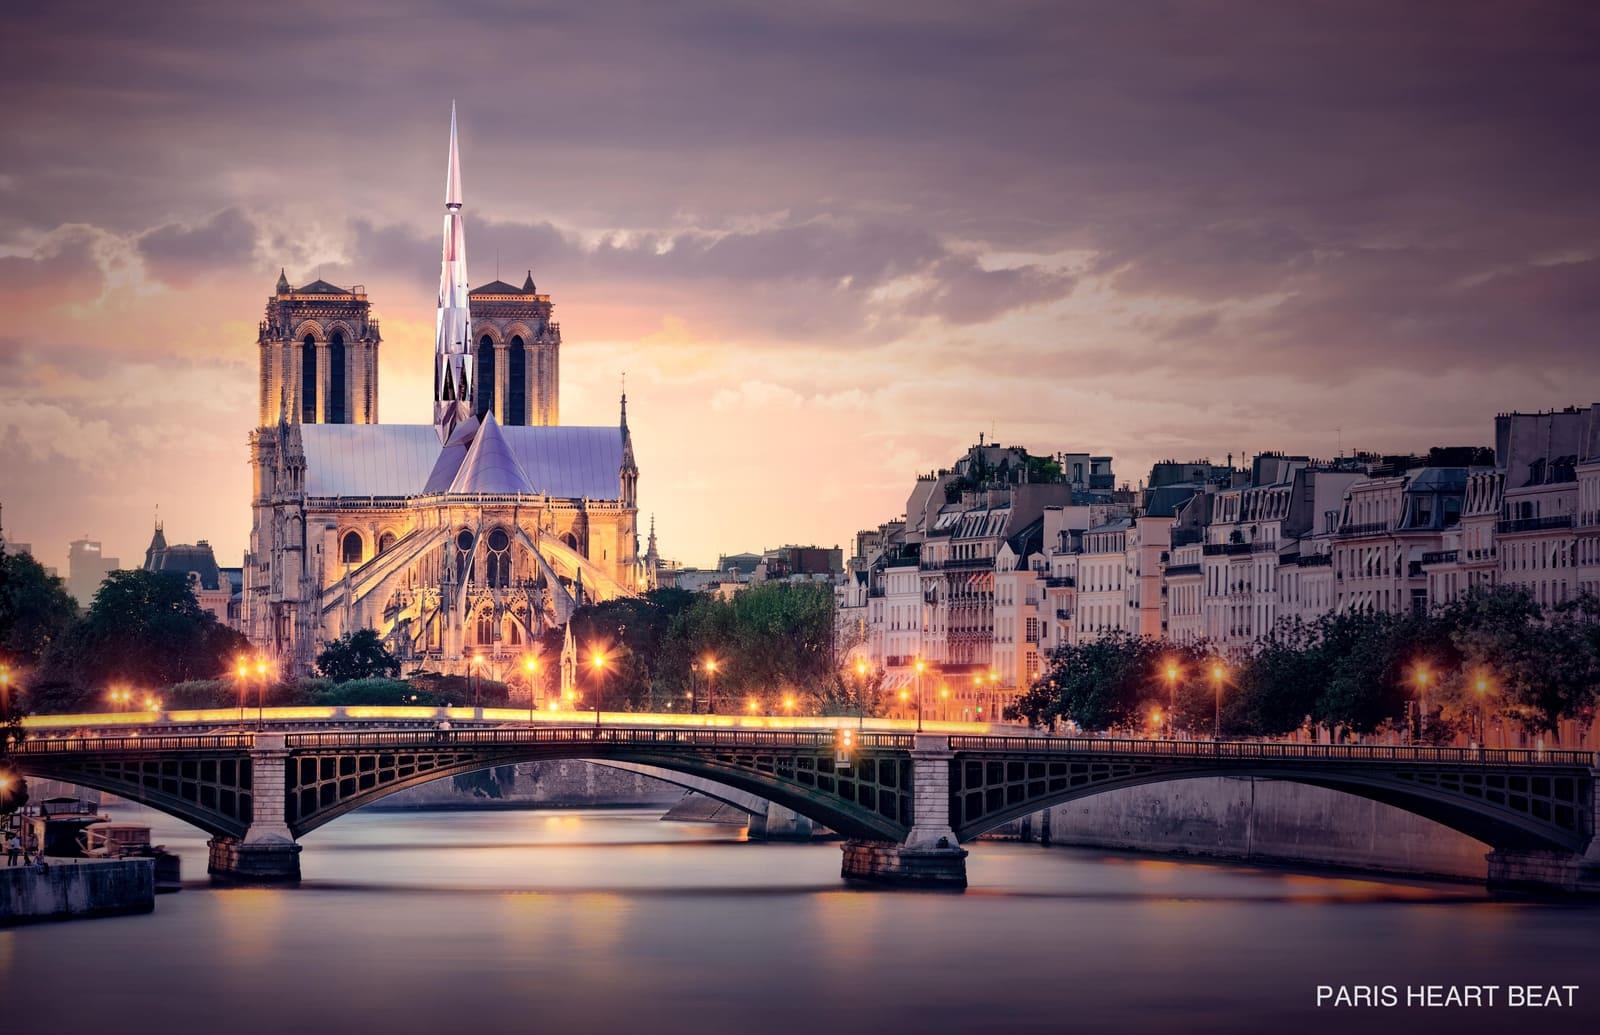 中国设计师磁悬浮设计赢得巴黎圣母院屋顶设计大赛